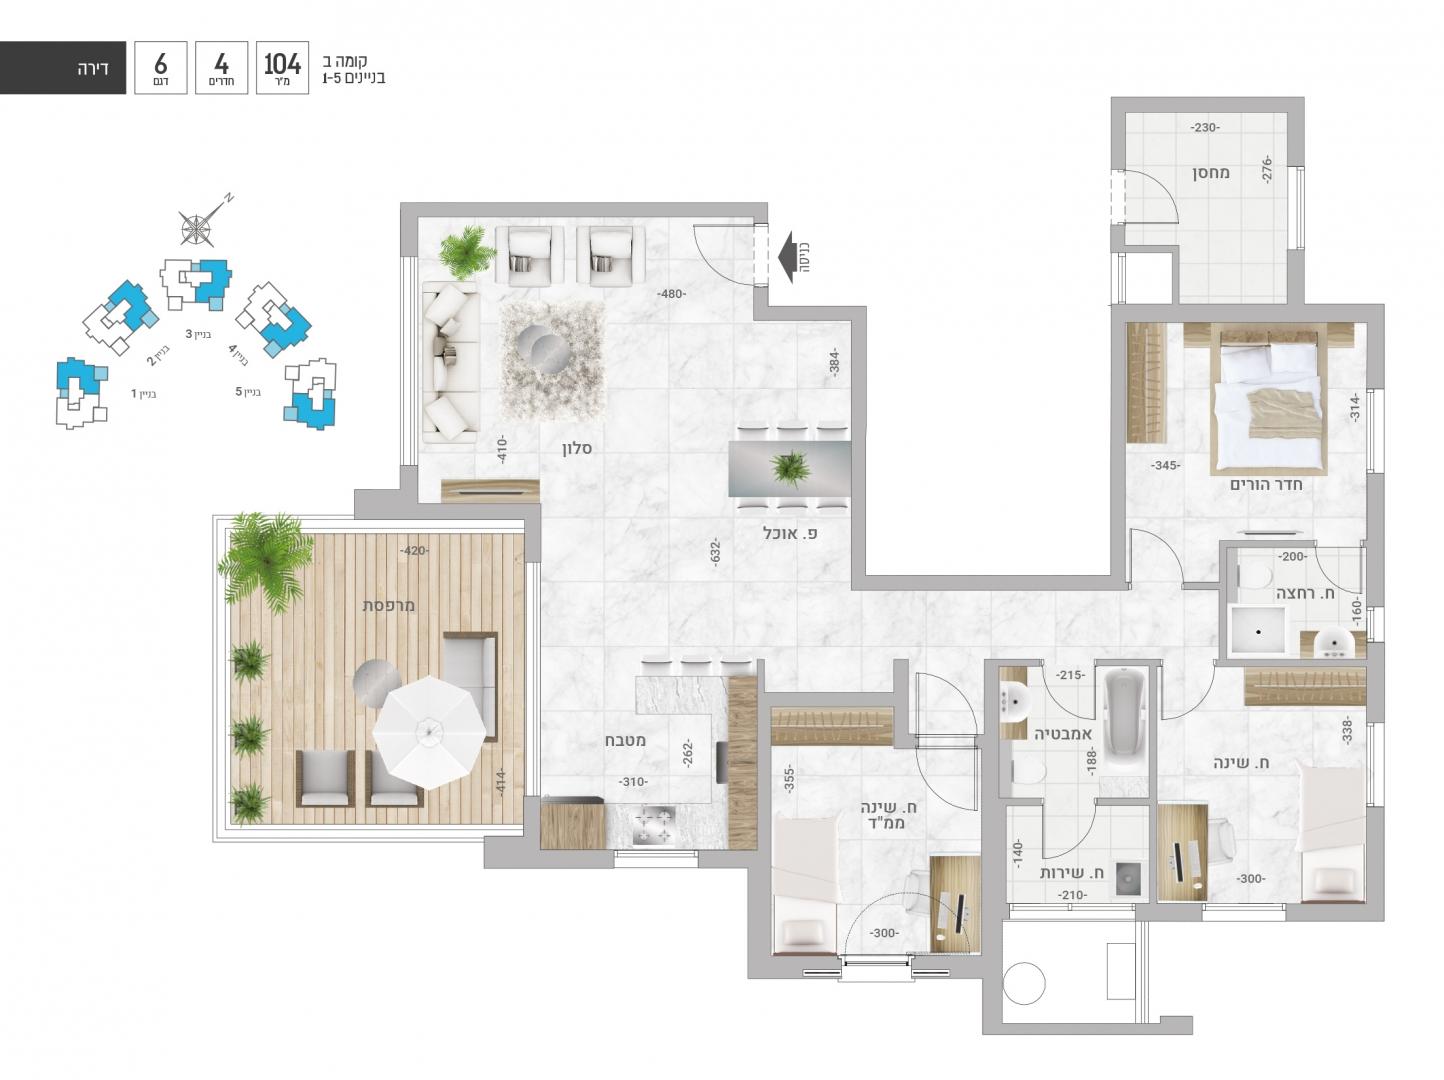 דגם 6 | בניינים 1-5